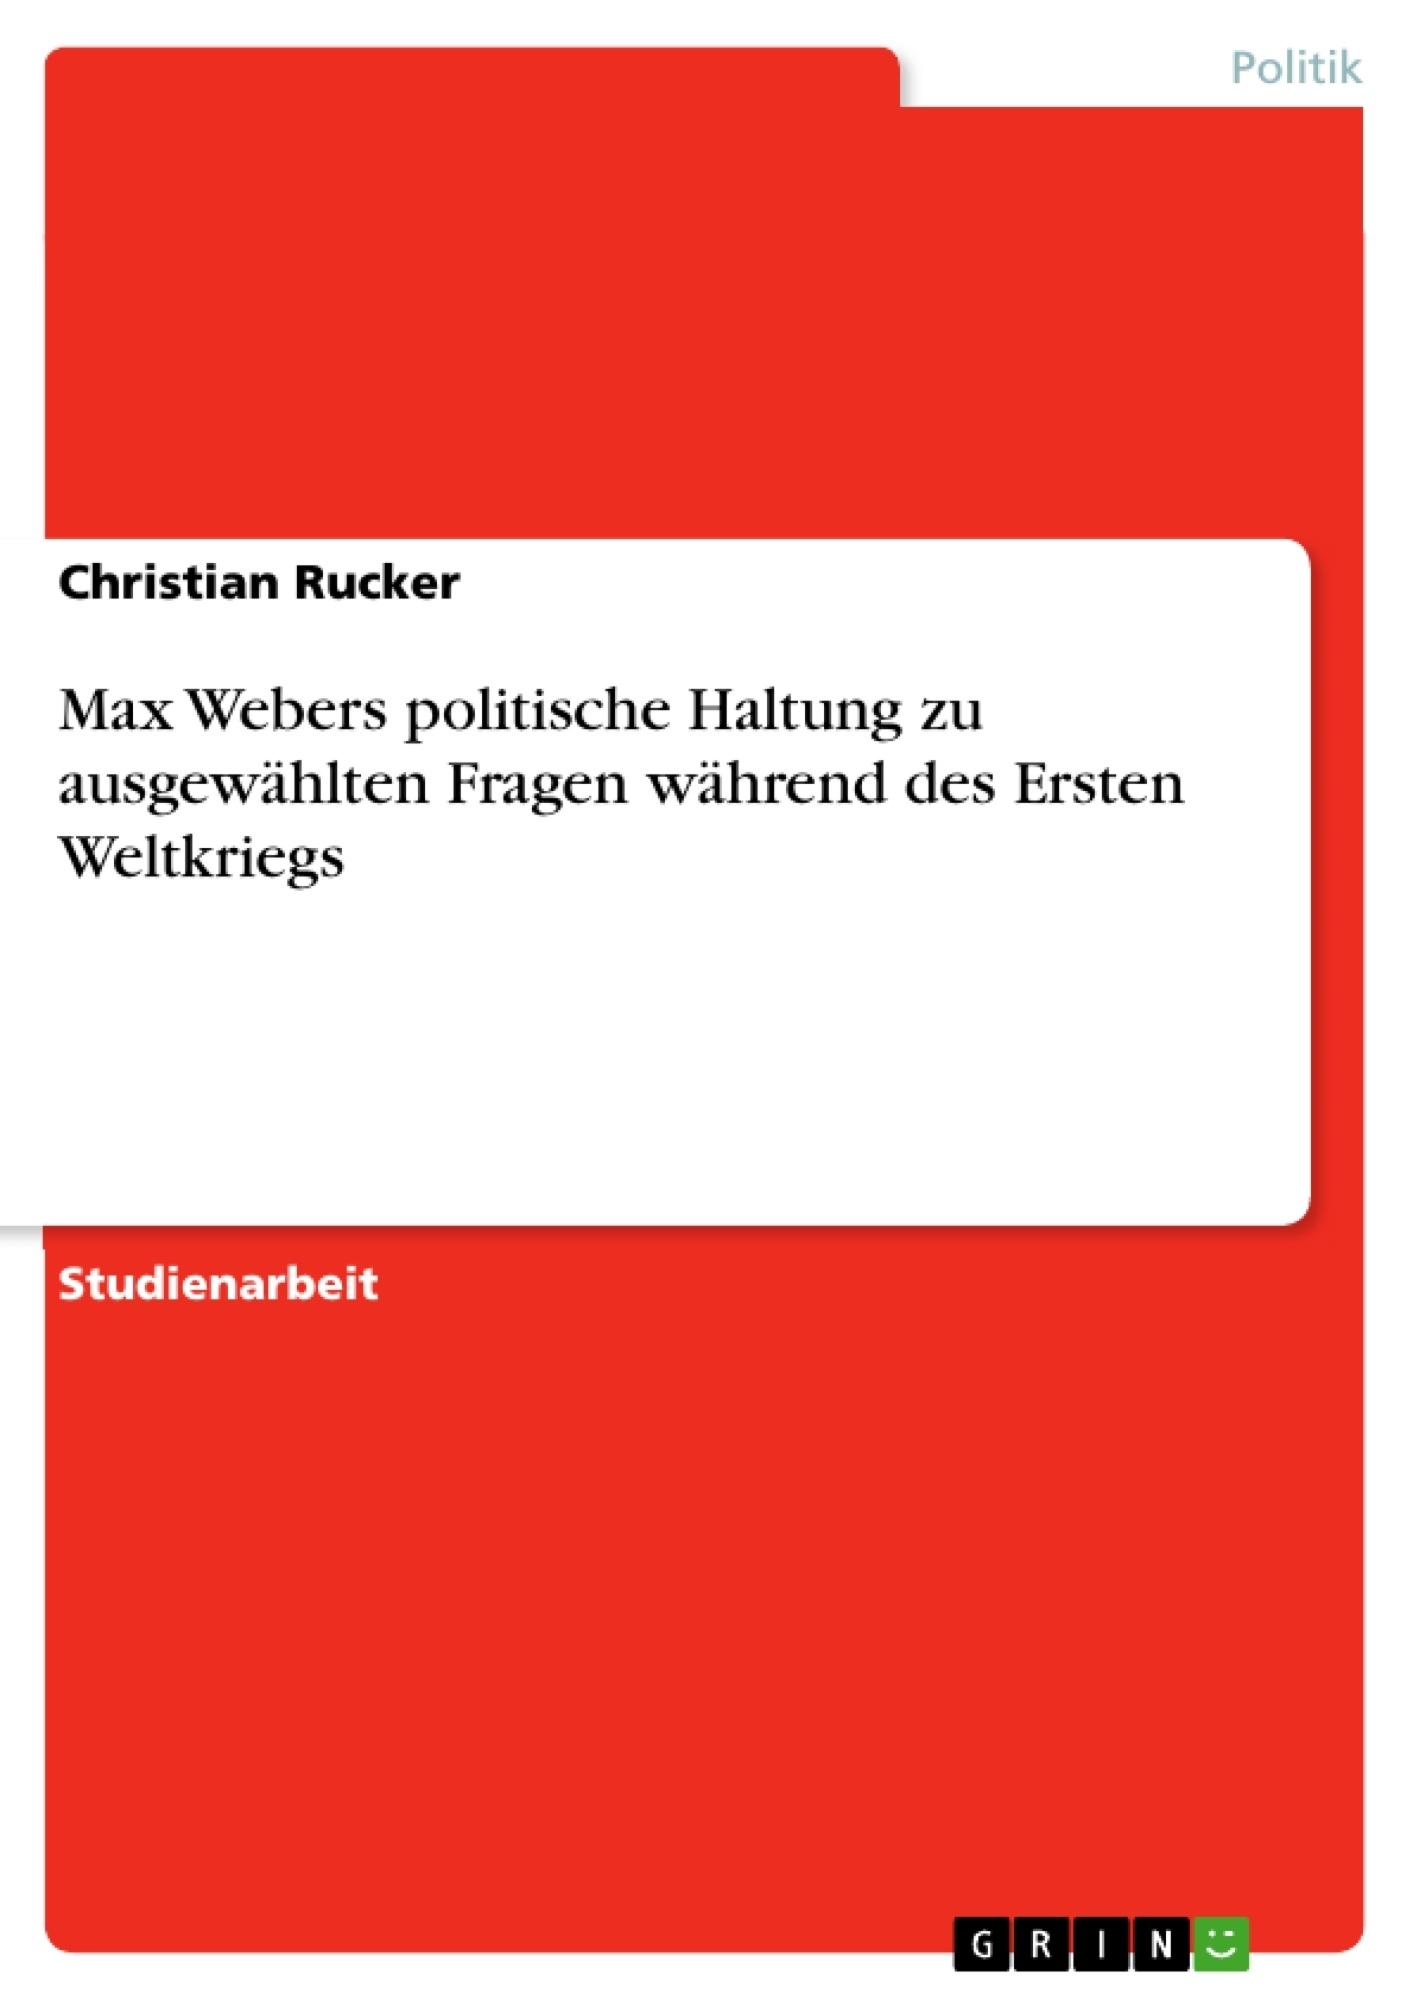 Titel: Max Webers politische Haltung zu ausgewählten Fragen während des Ersten Weltkriegs